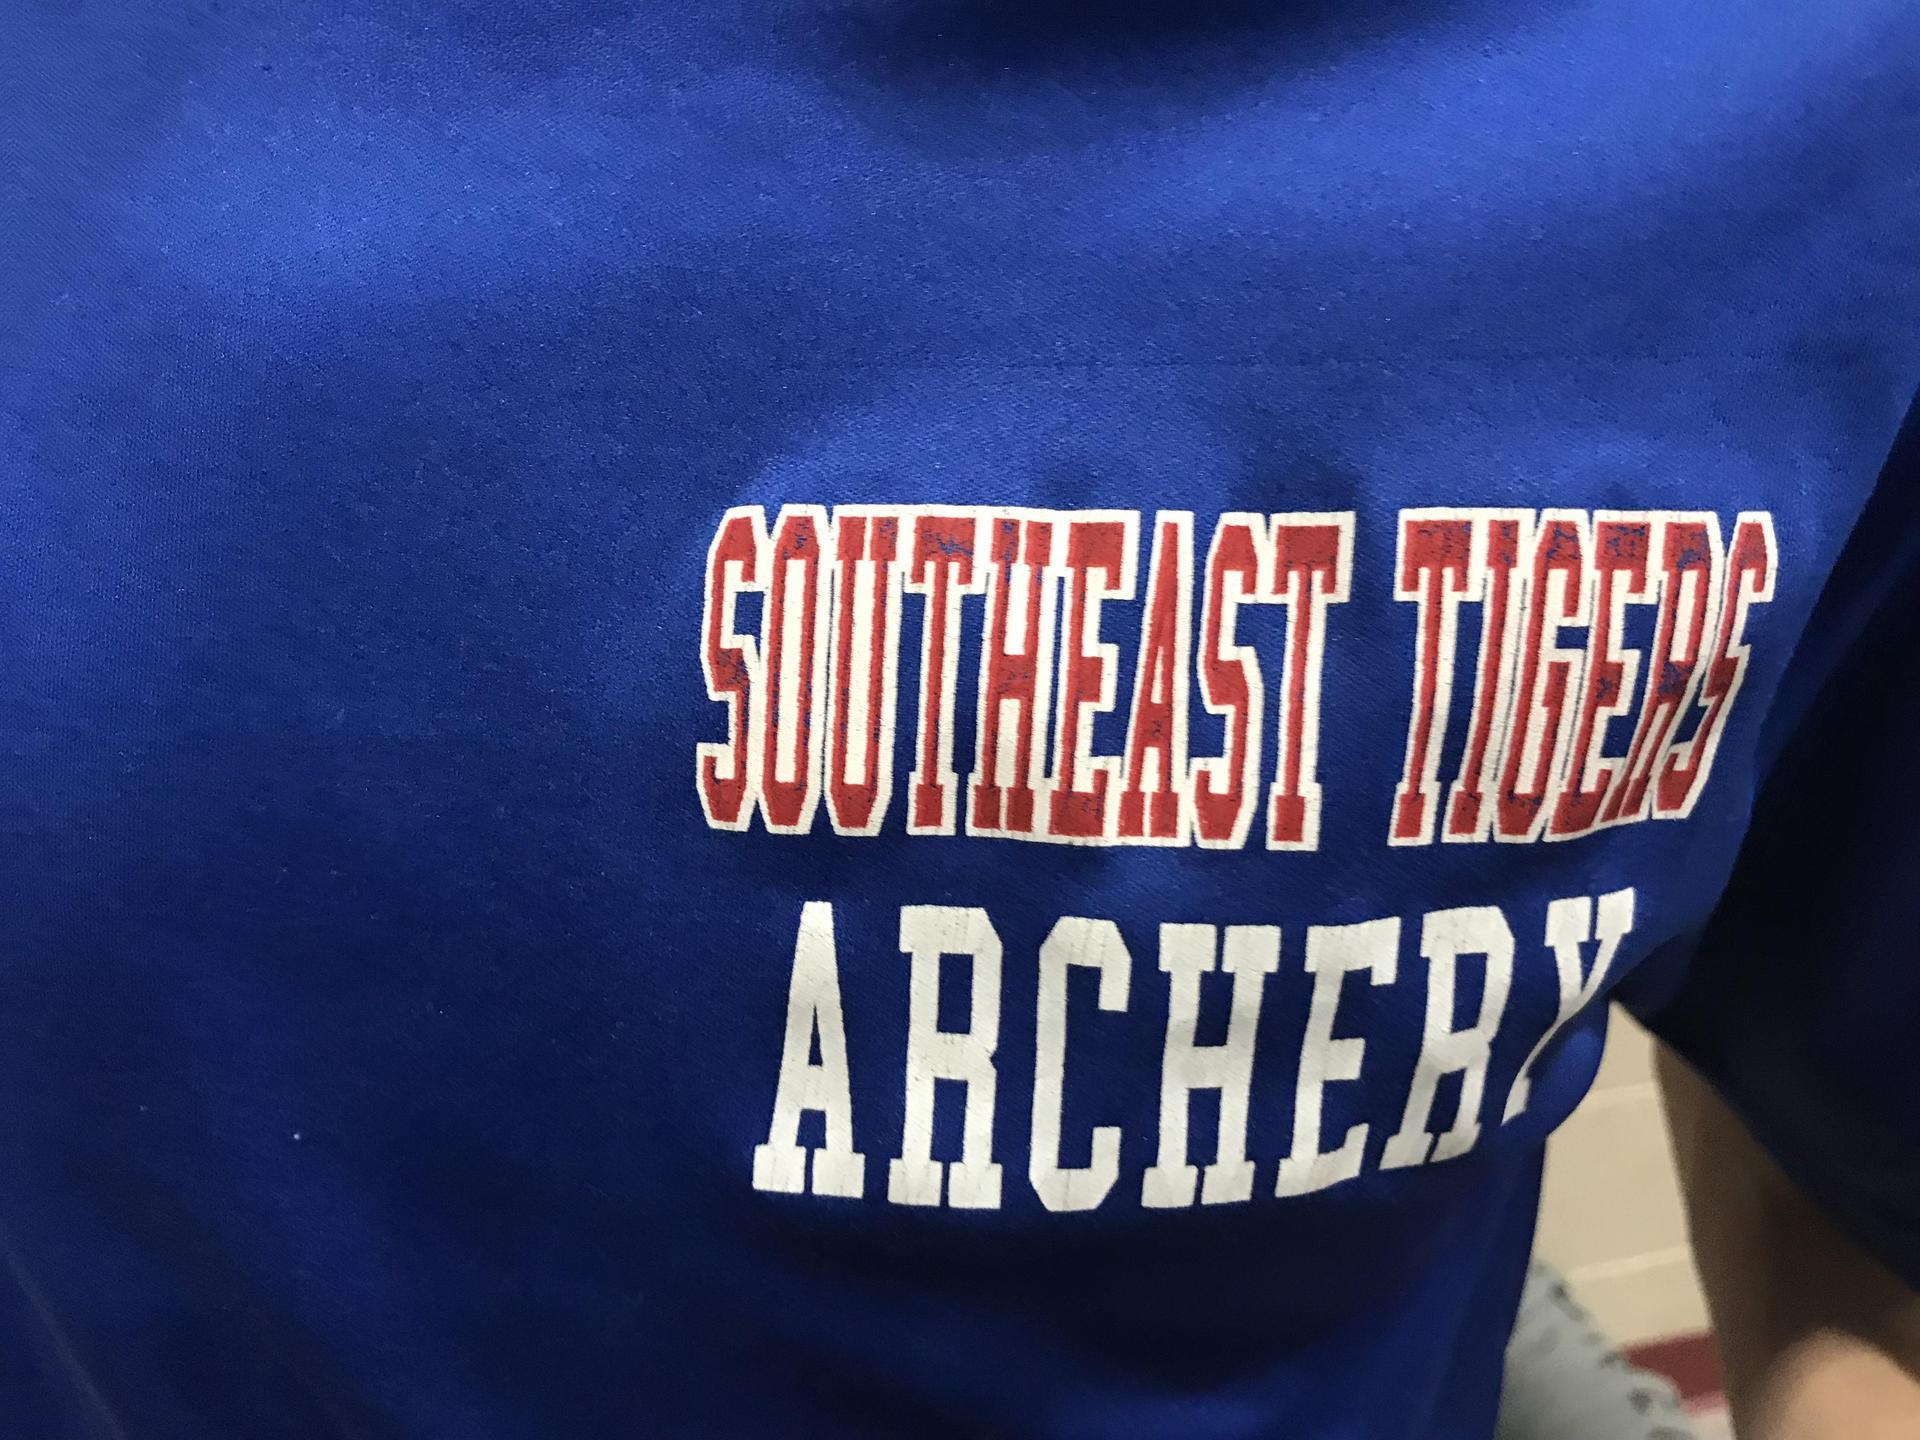 SEHS Archey Tshirt